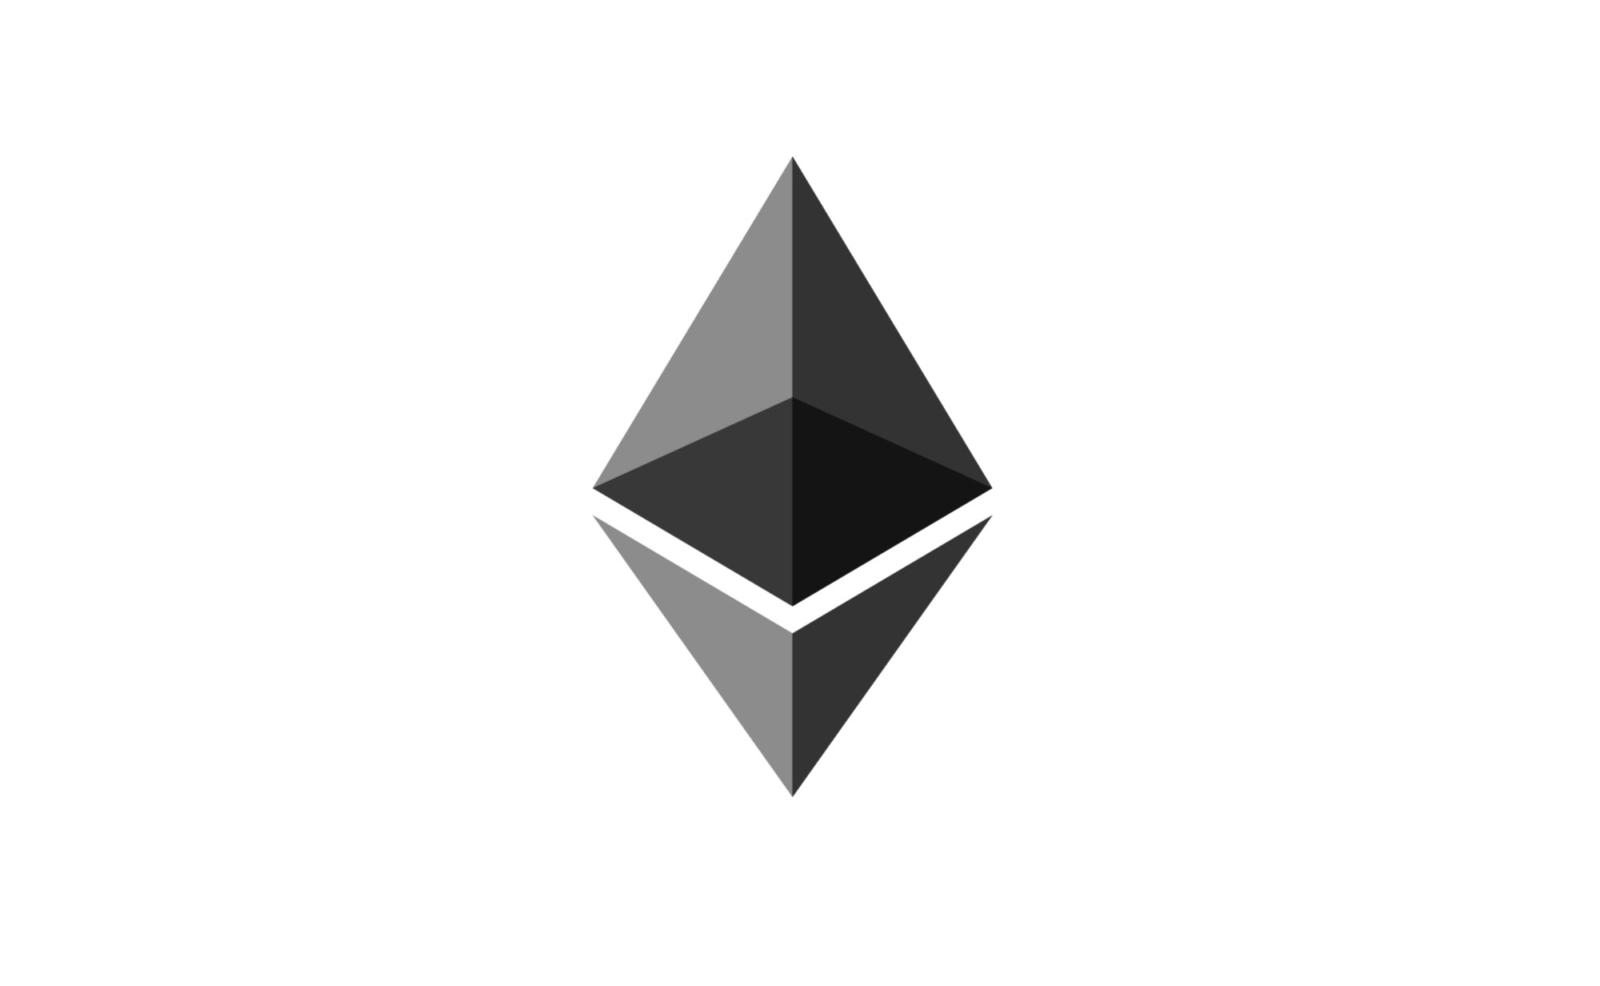 Блокчейна эфириума: как работает популярная криптовалюта